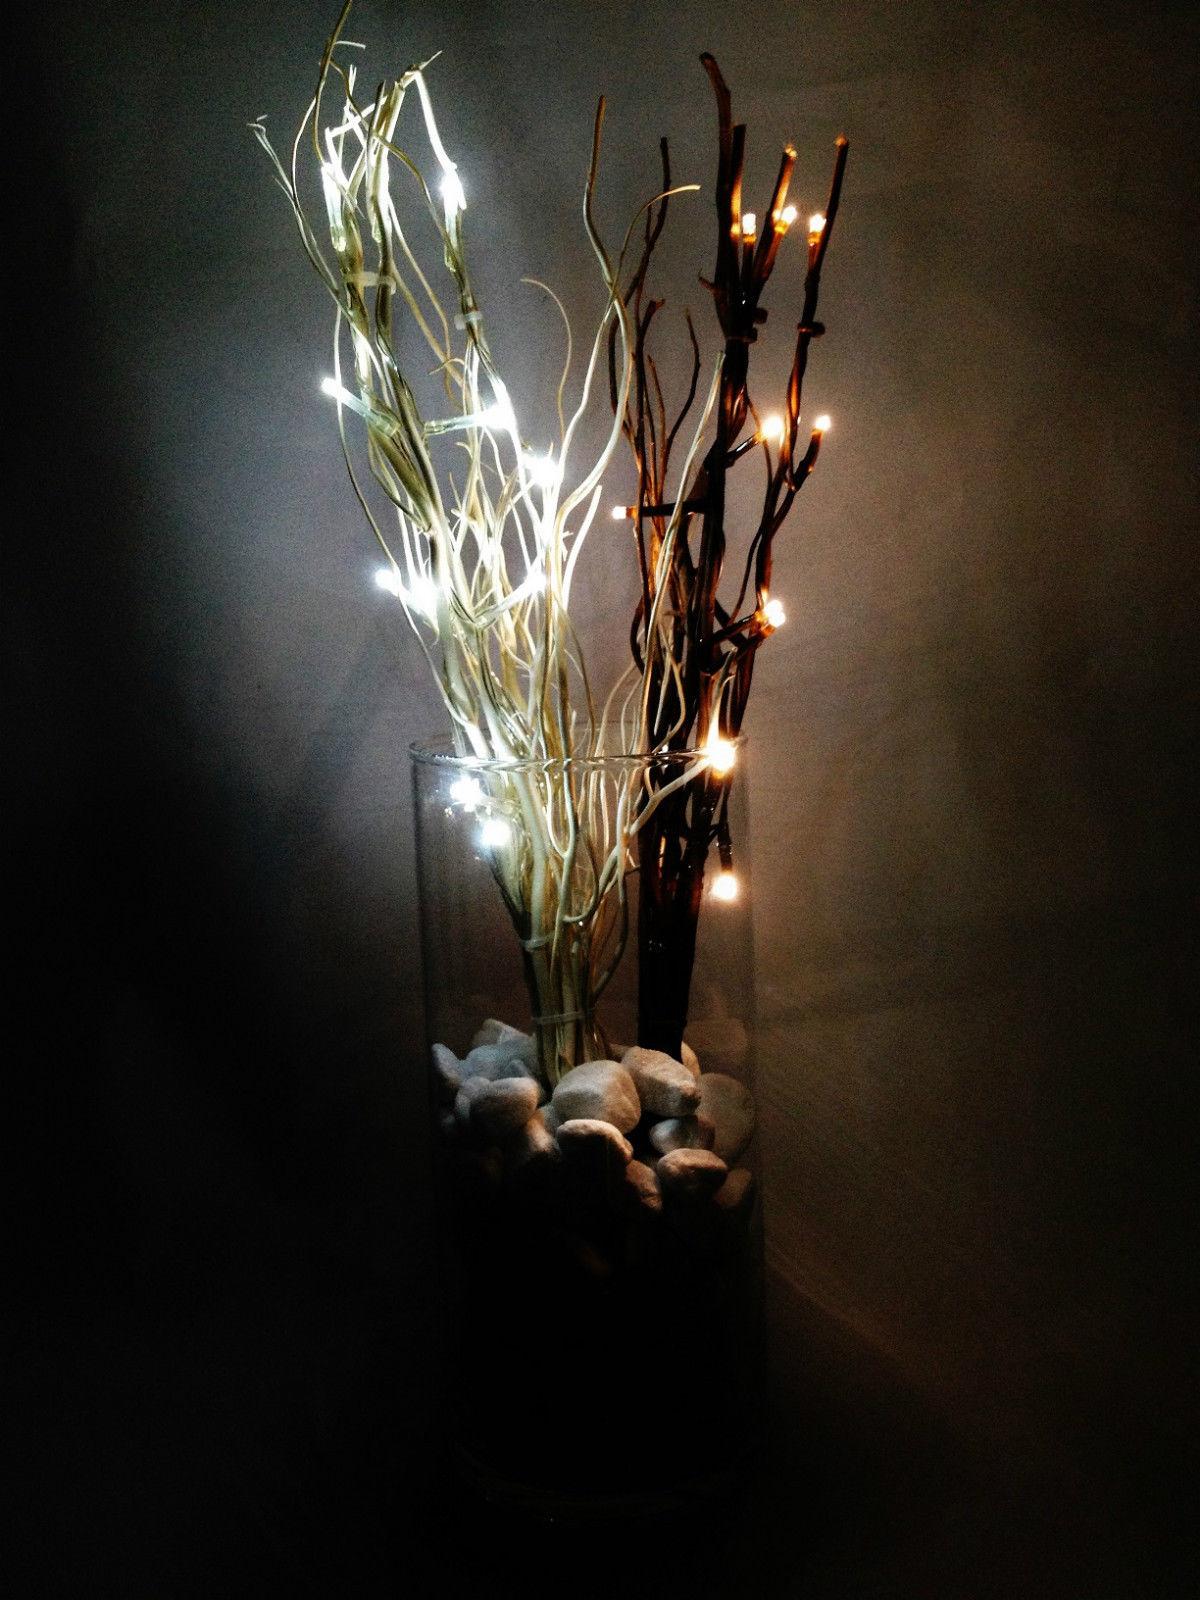 12 led brauner lichterbaum lichterzweig 40 cm batterieben leuchtbaum ebay. Black Bedroom Furniture Sets. Home Design Ideas